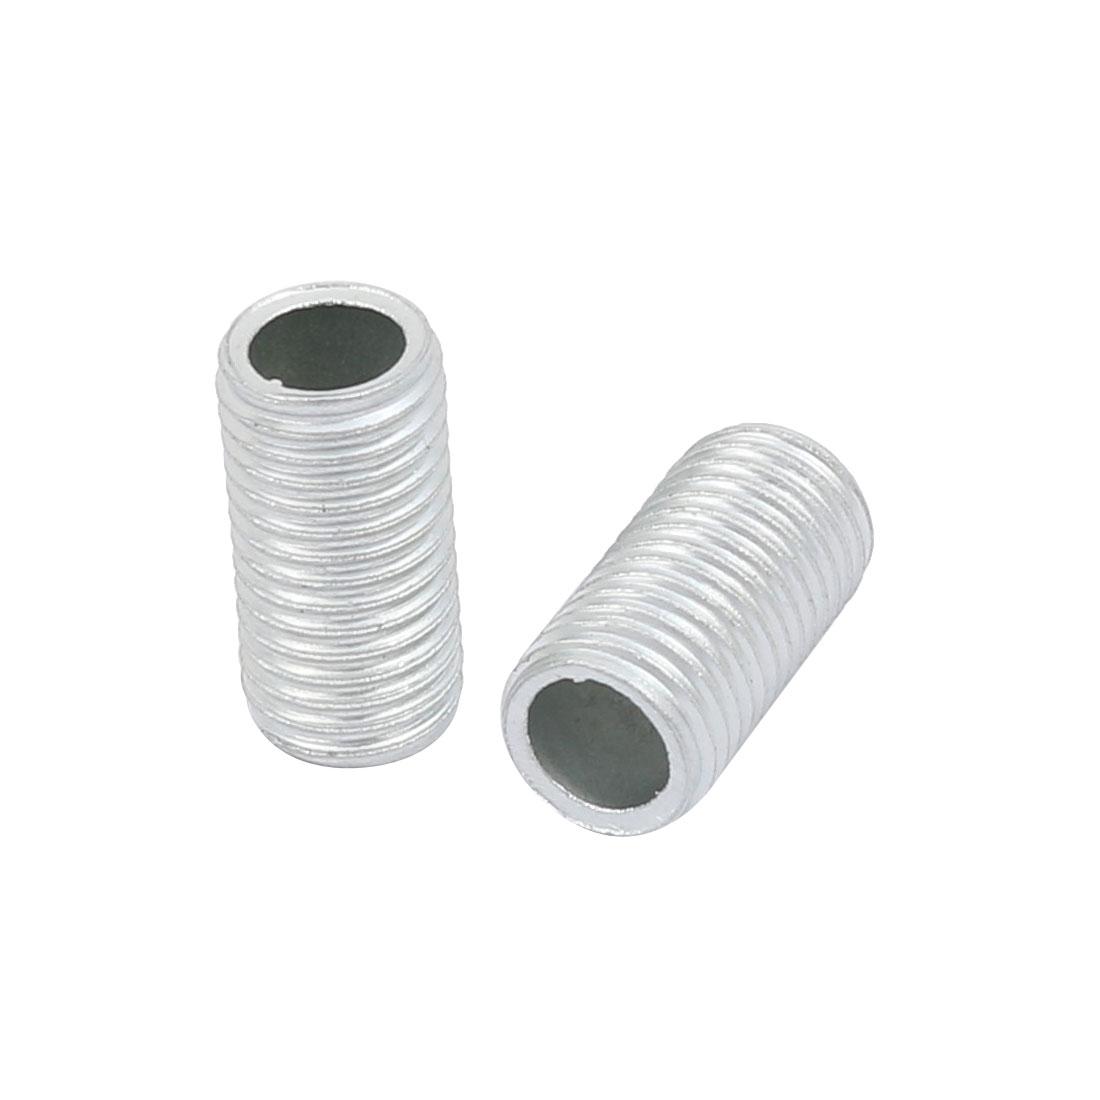 Unique Bargains 30Pcs Metric M8 1mm Pitch Thread Zinc Plated Pipe Nipple Lamp Parts 15mm Lenght - image 1 de 2